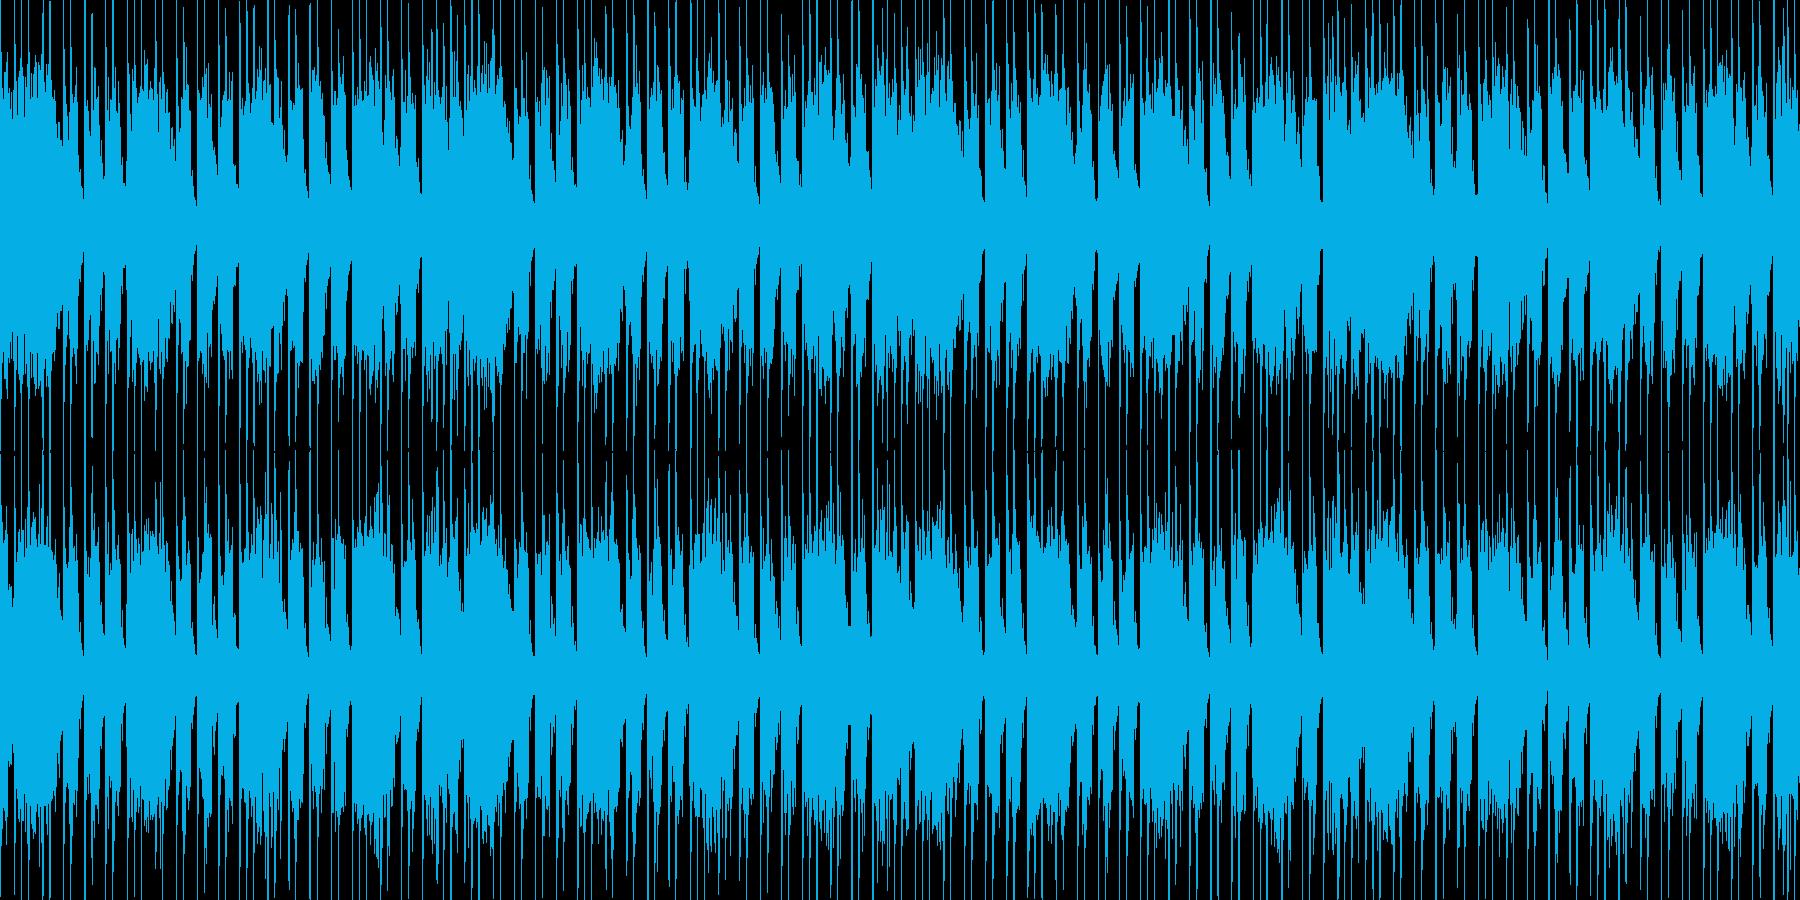 コアメタル風のヘヴィーLOOP BGMの再生済みの波形